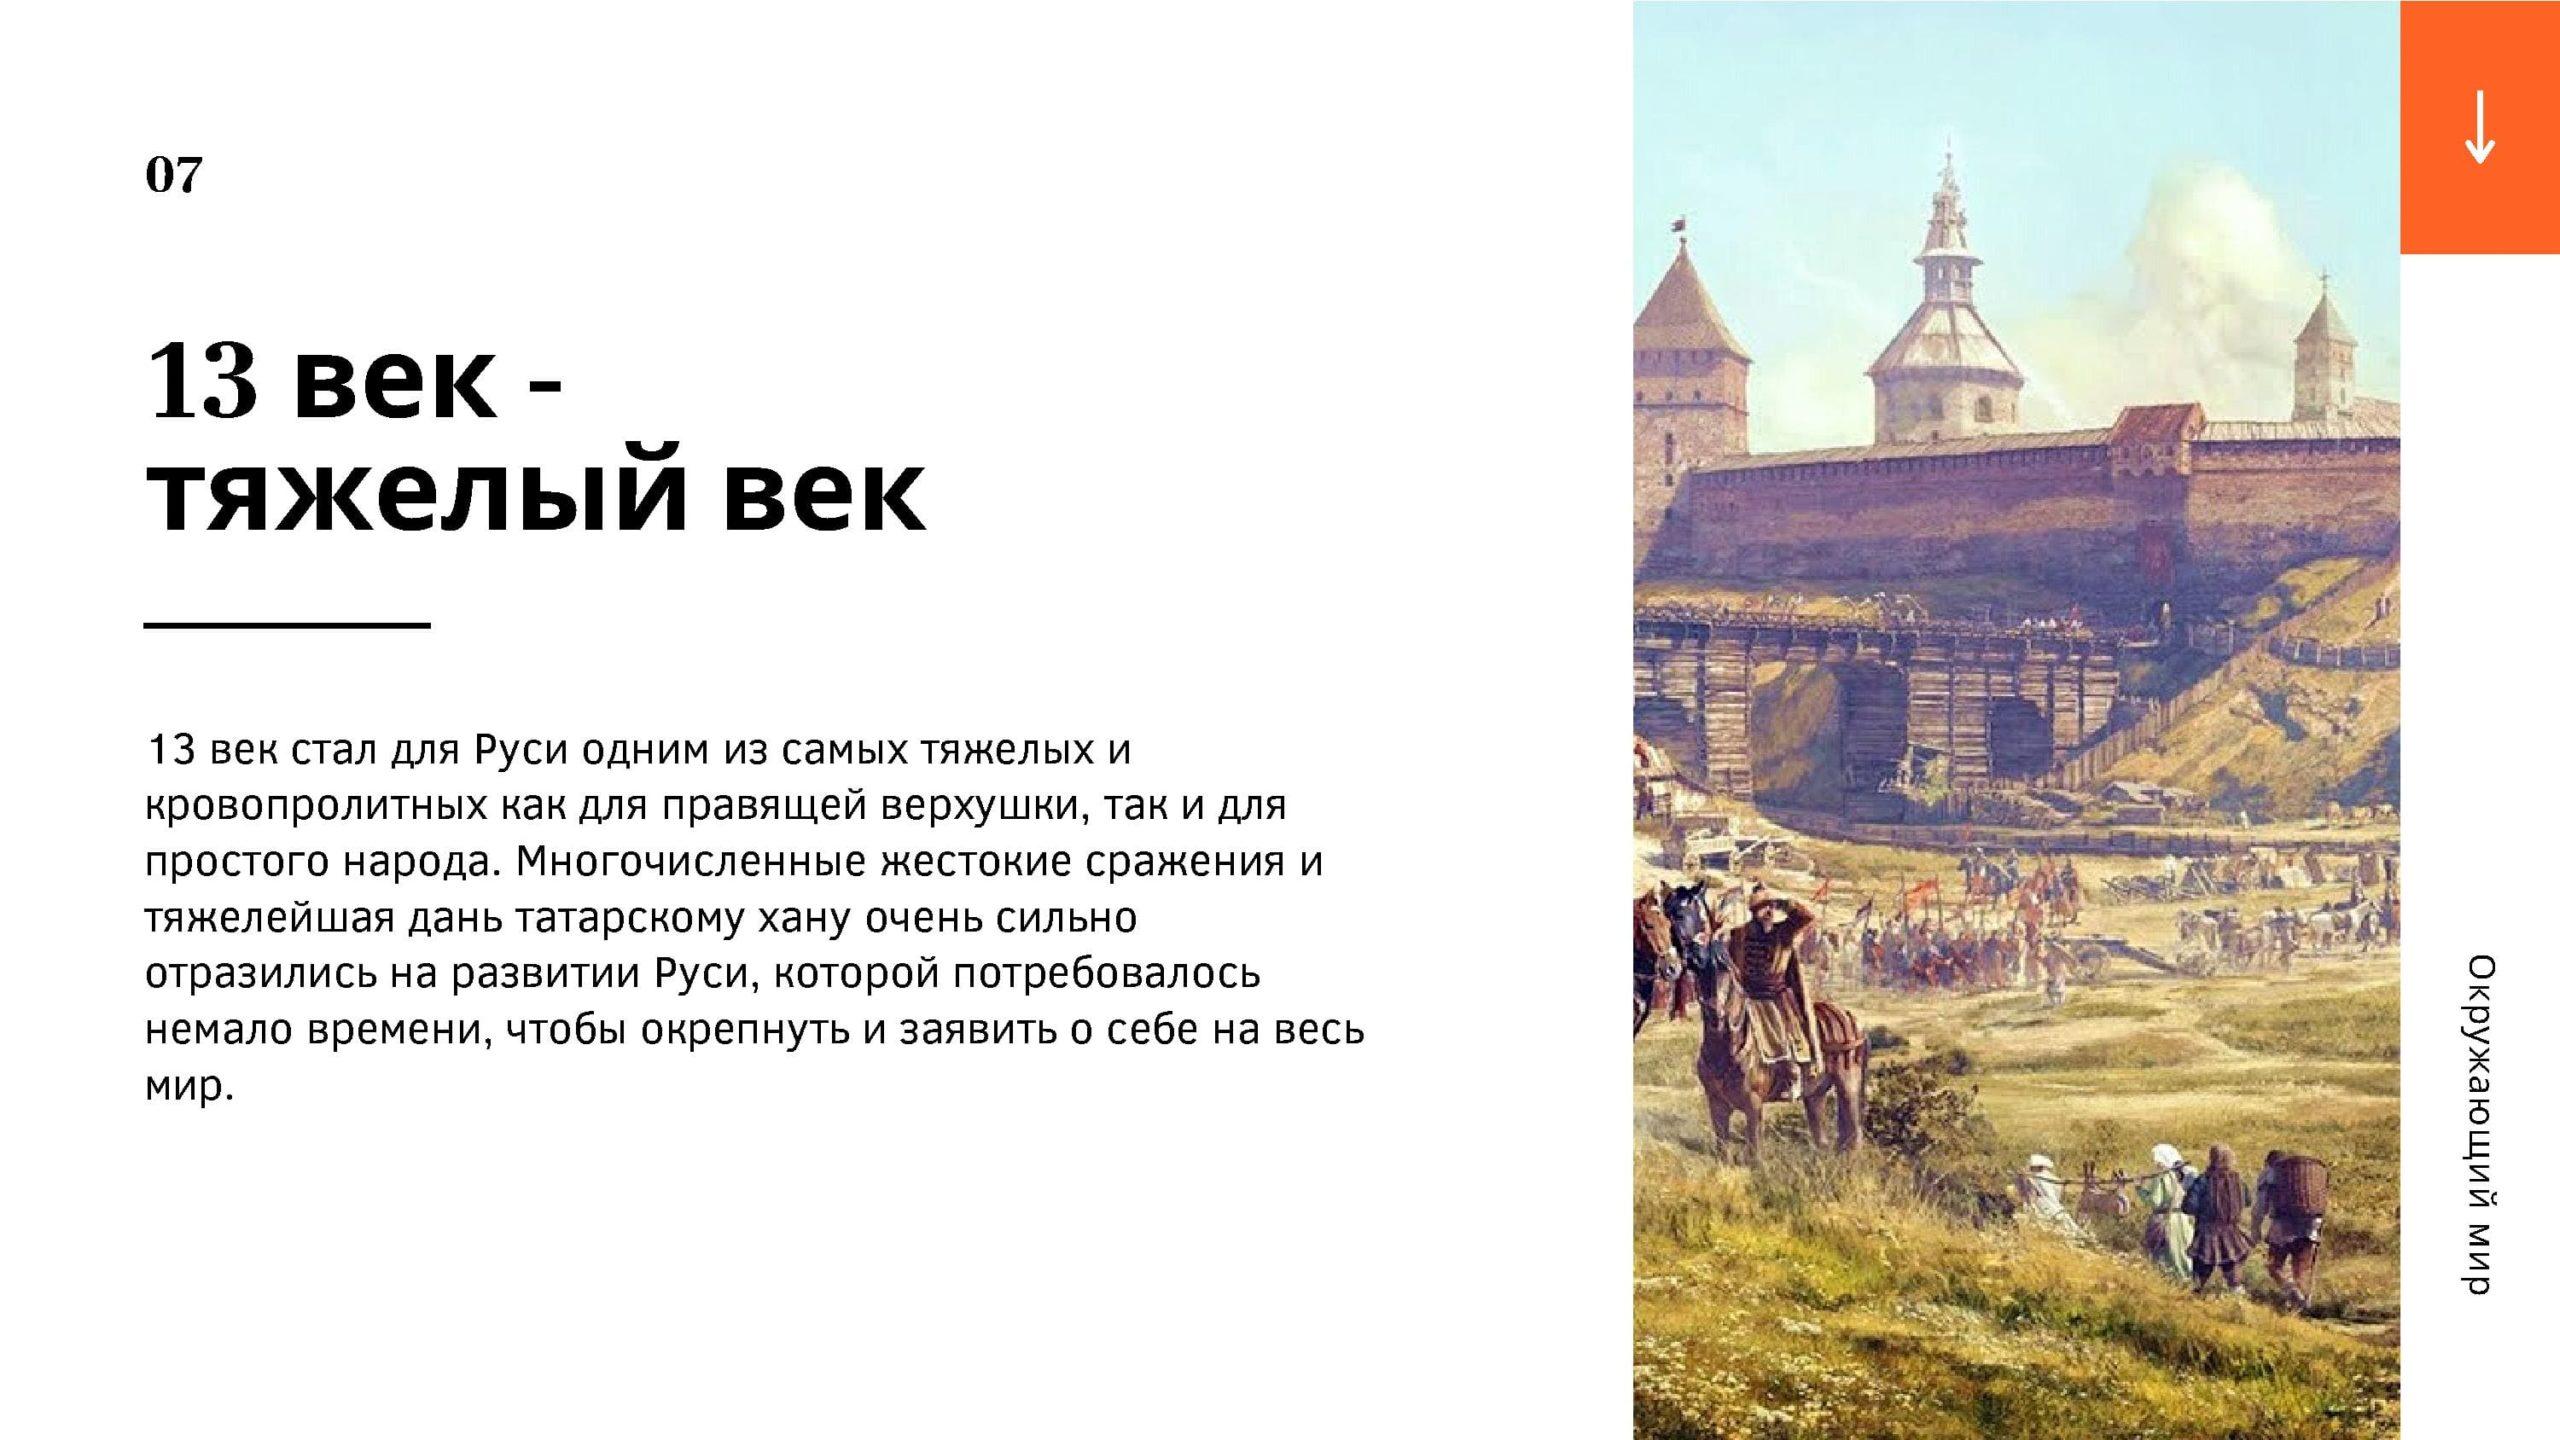 13 век - тяжёлый век